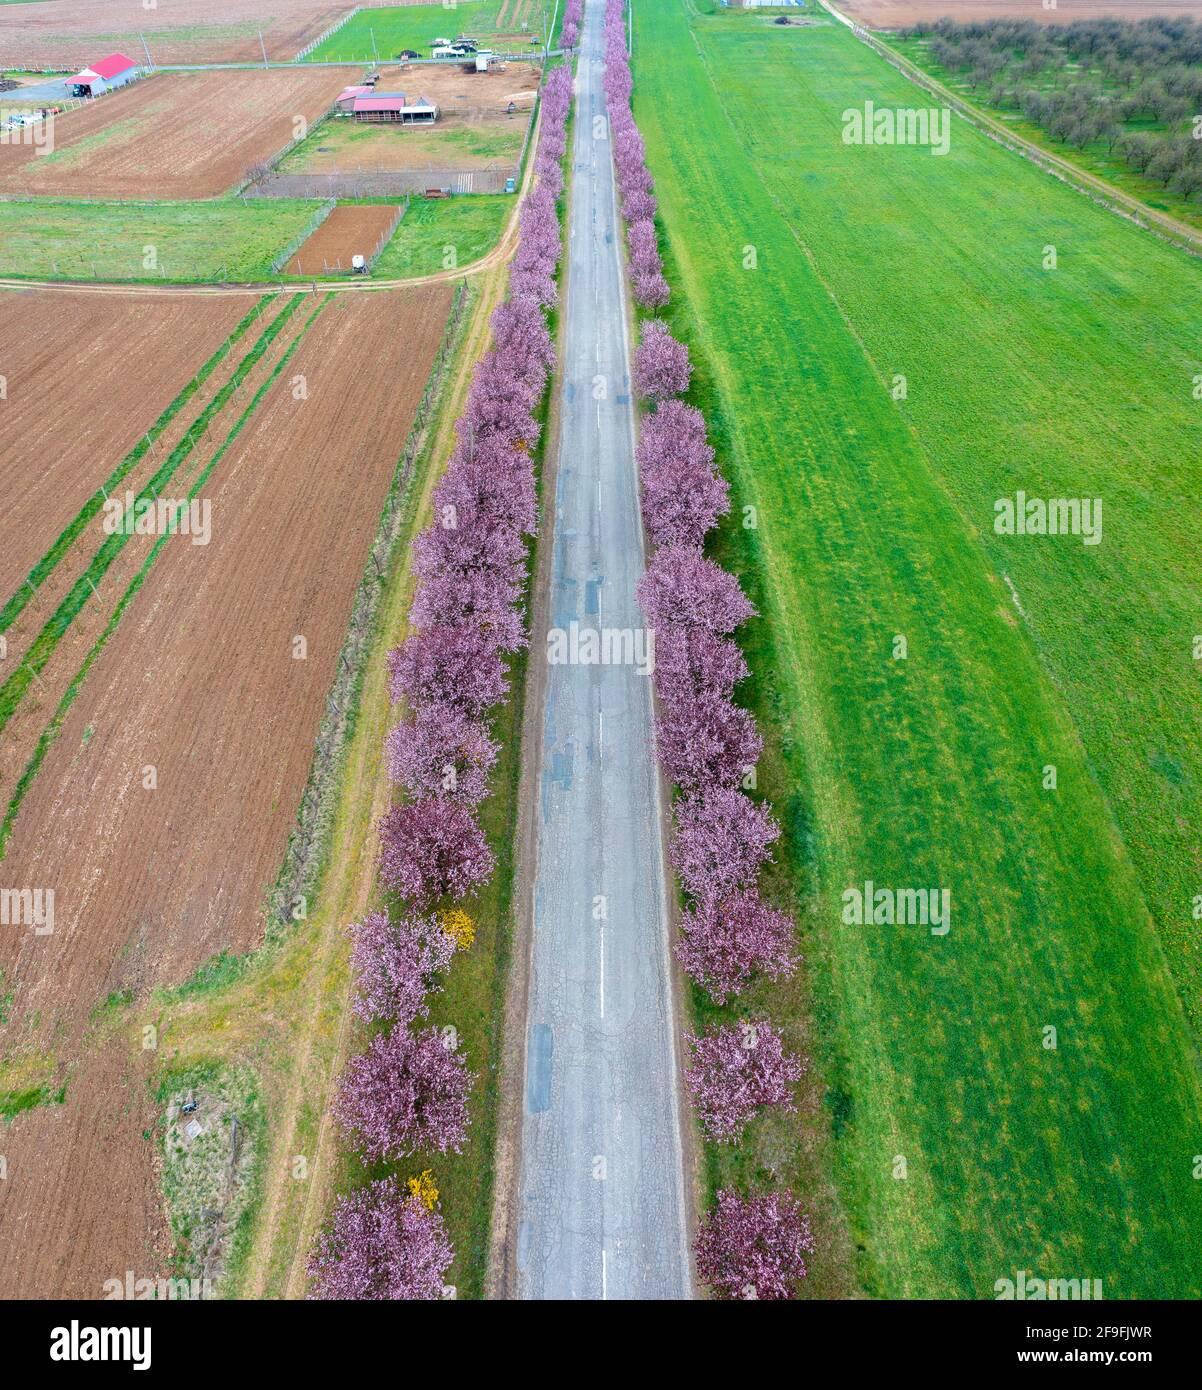 Berkenye, Hongrie - vue aérienne sur les magnifiques pruniers fleuris par la route. Paysage de lever de soleil de printemps, cerisiers en fleurs. Banque D'Images